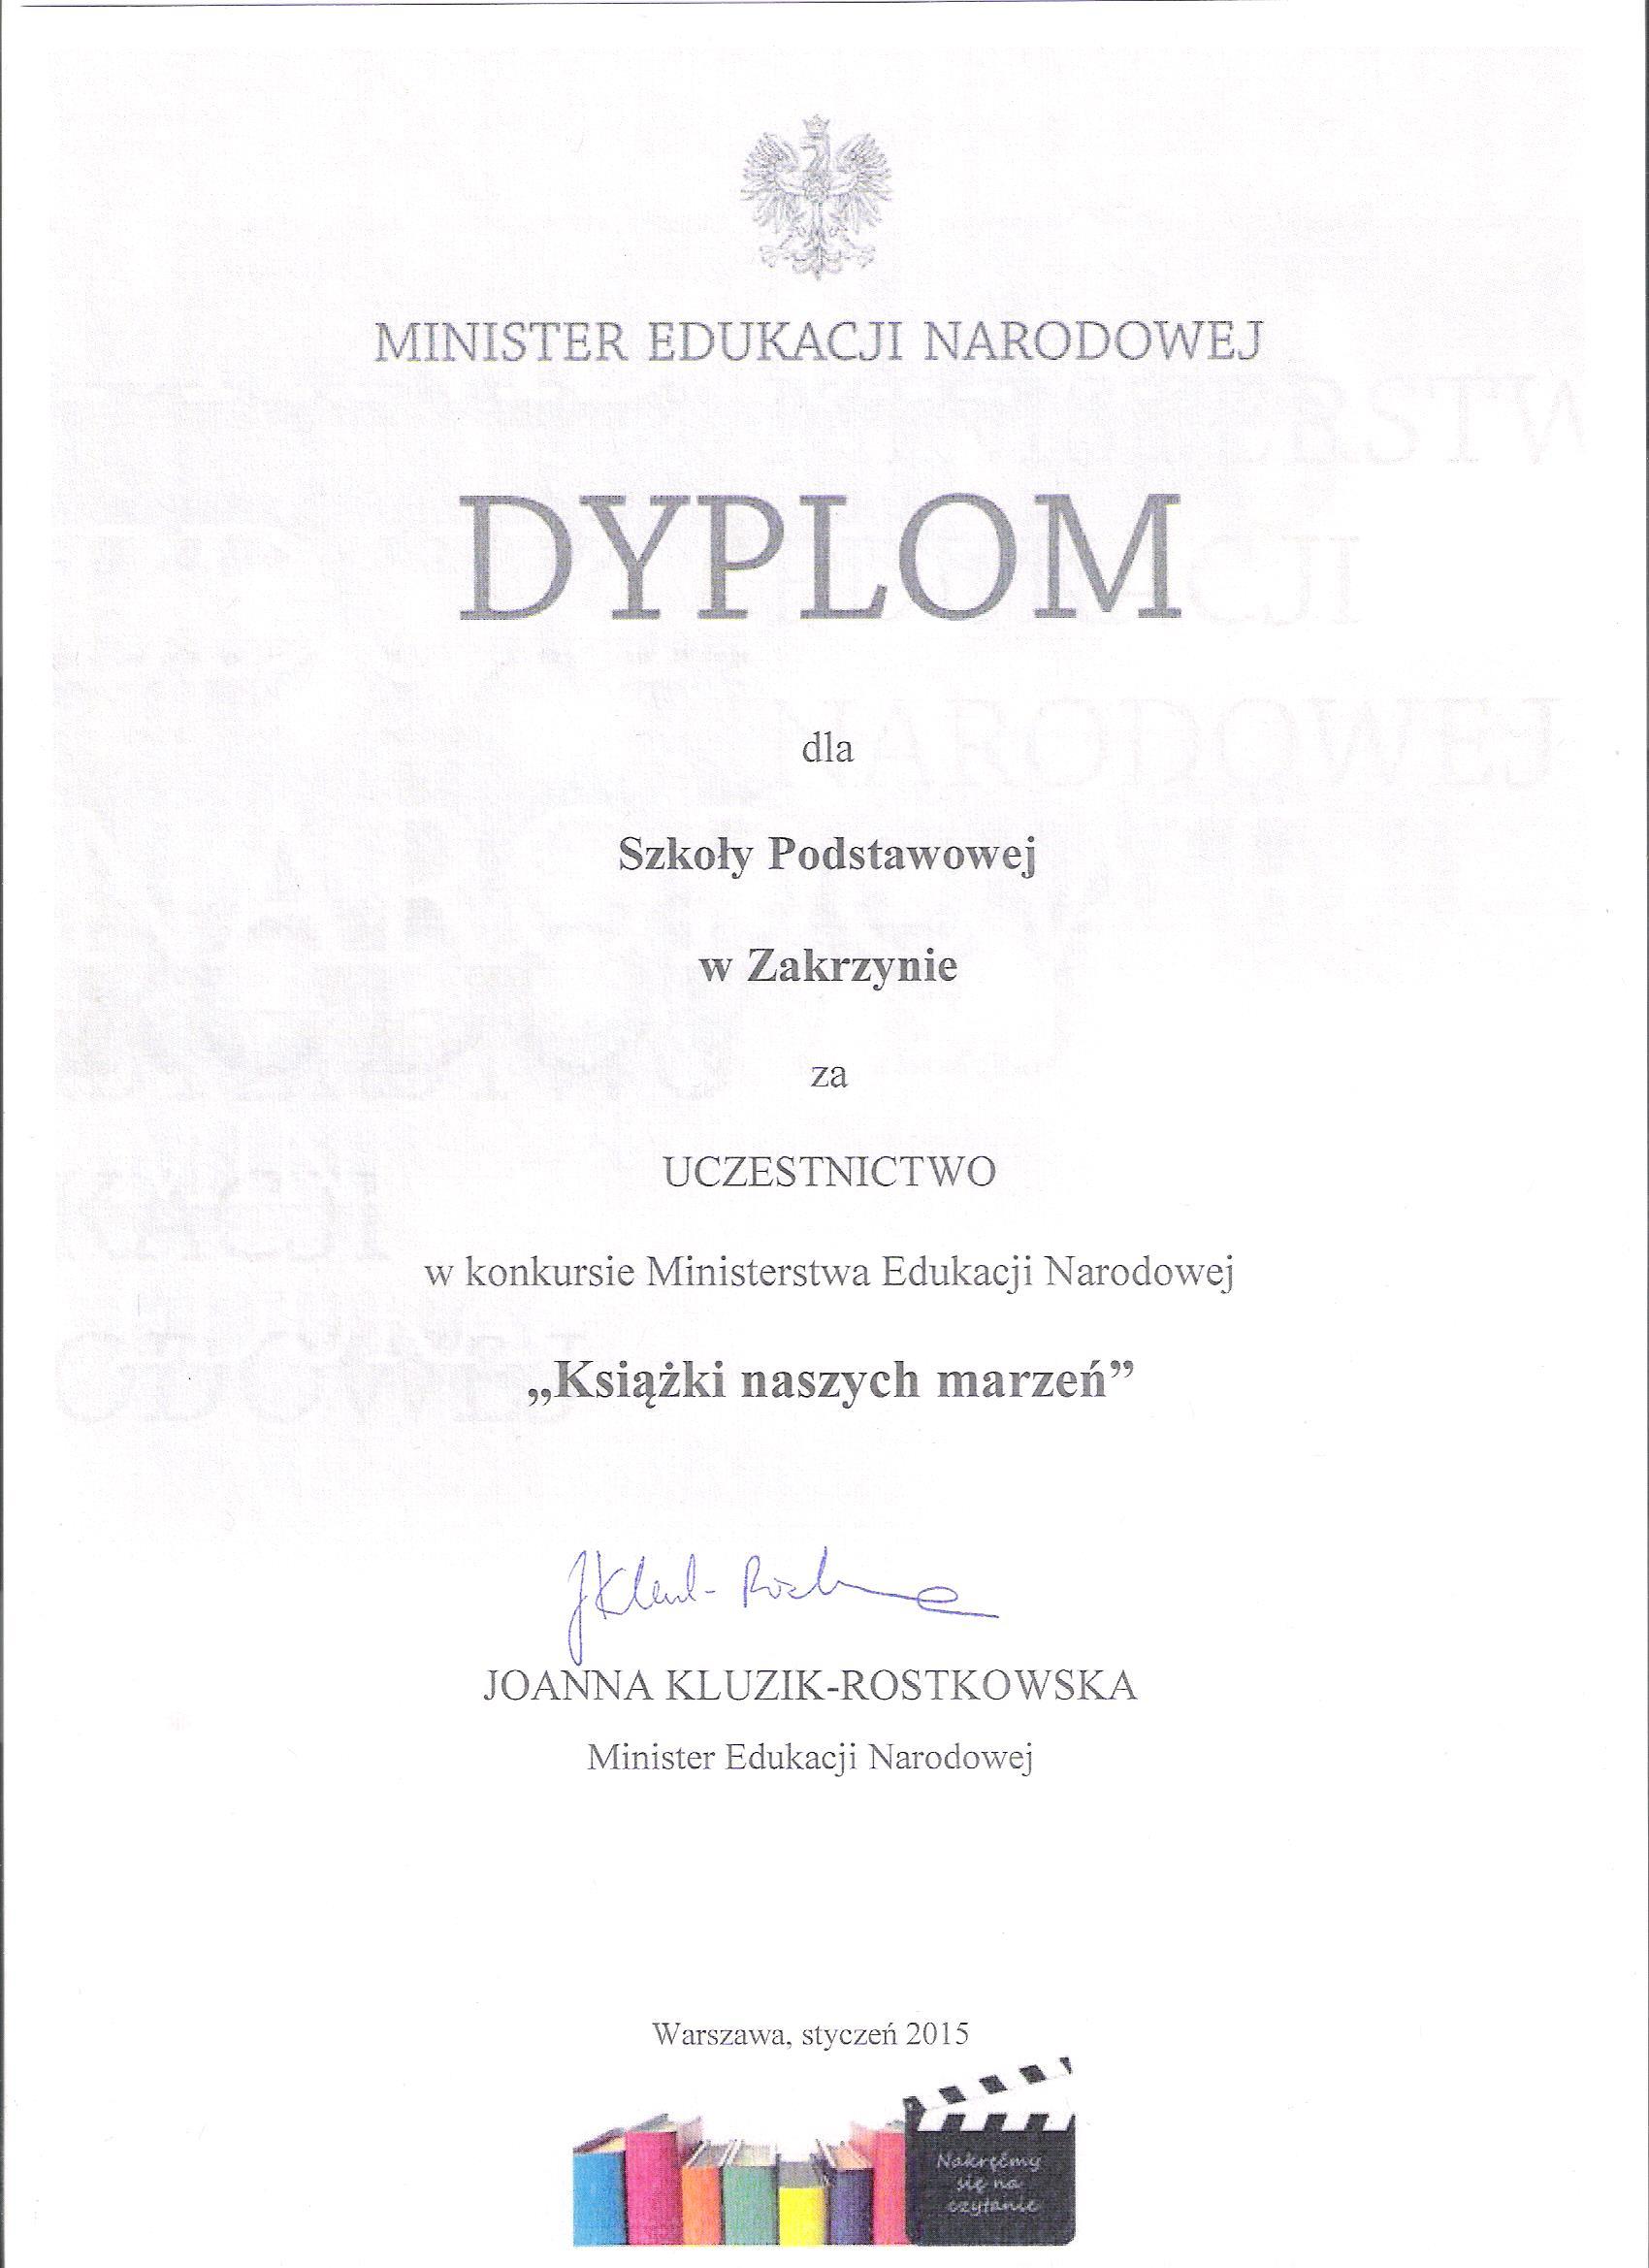 Dyplom Minister Edukacji Narodowej dla Szkoły Podstawowej wZakrzynie